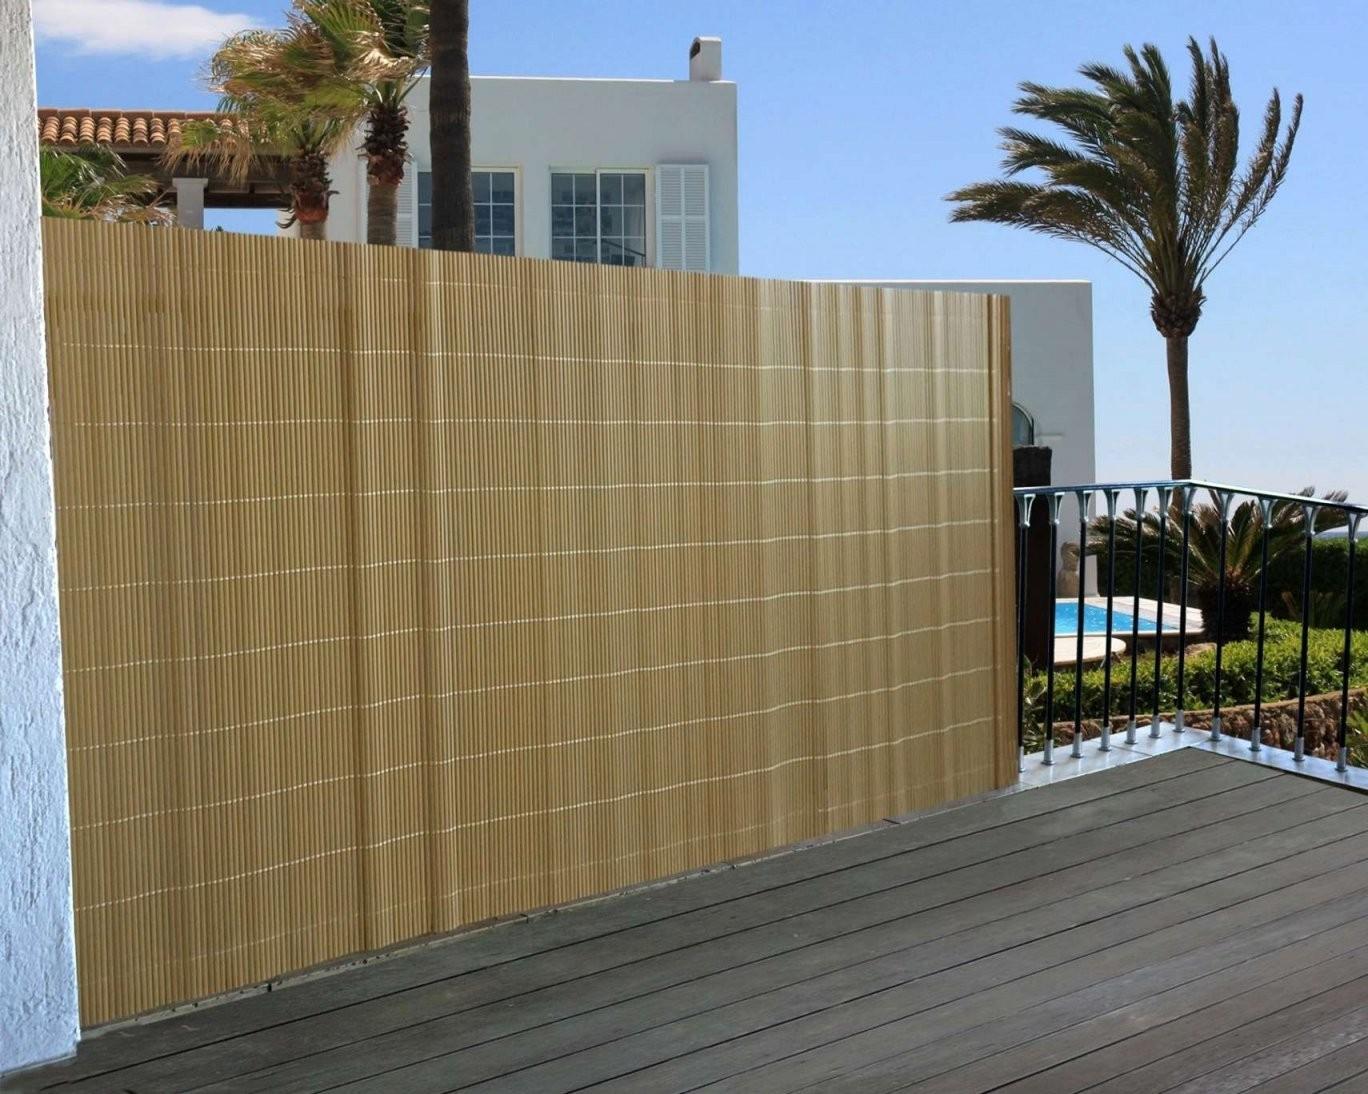 Balkon Sichtschutz Selber Machen Einzigartig Sichtschutz Balkon von Balkon Sichtschutz Selber Machen Bild